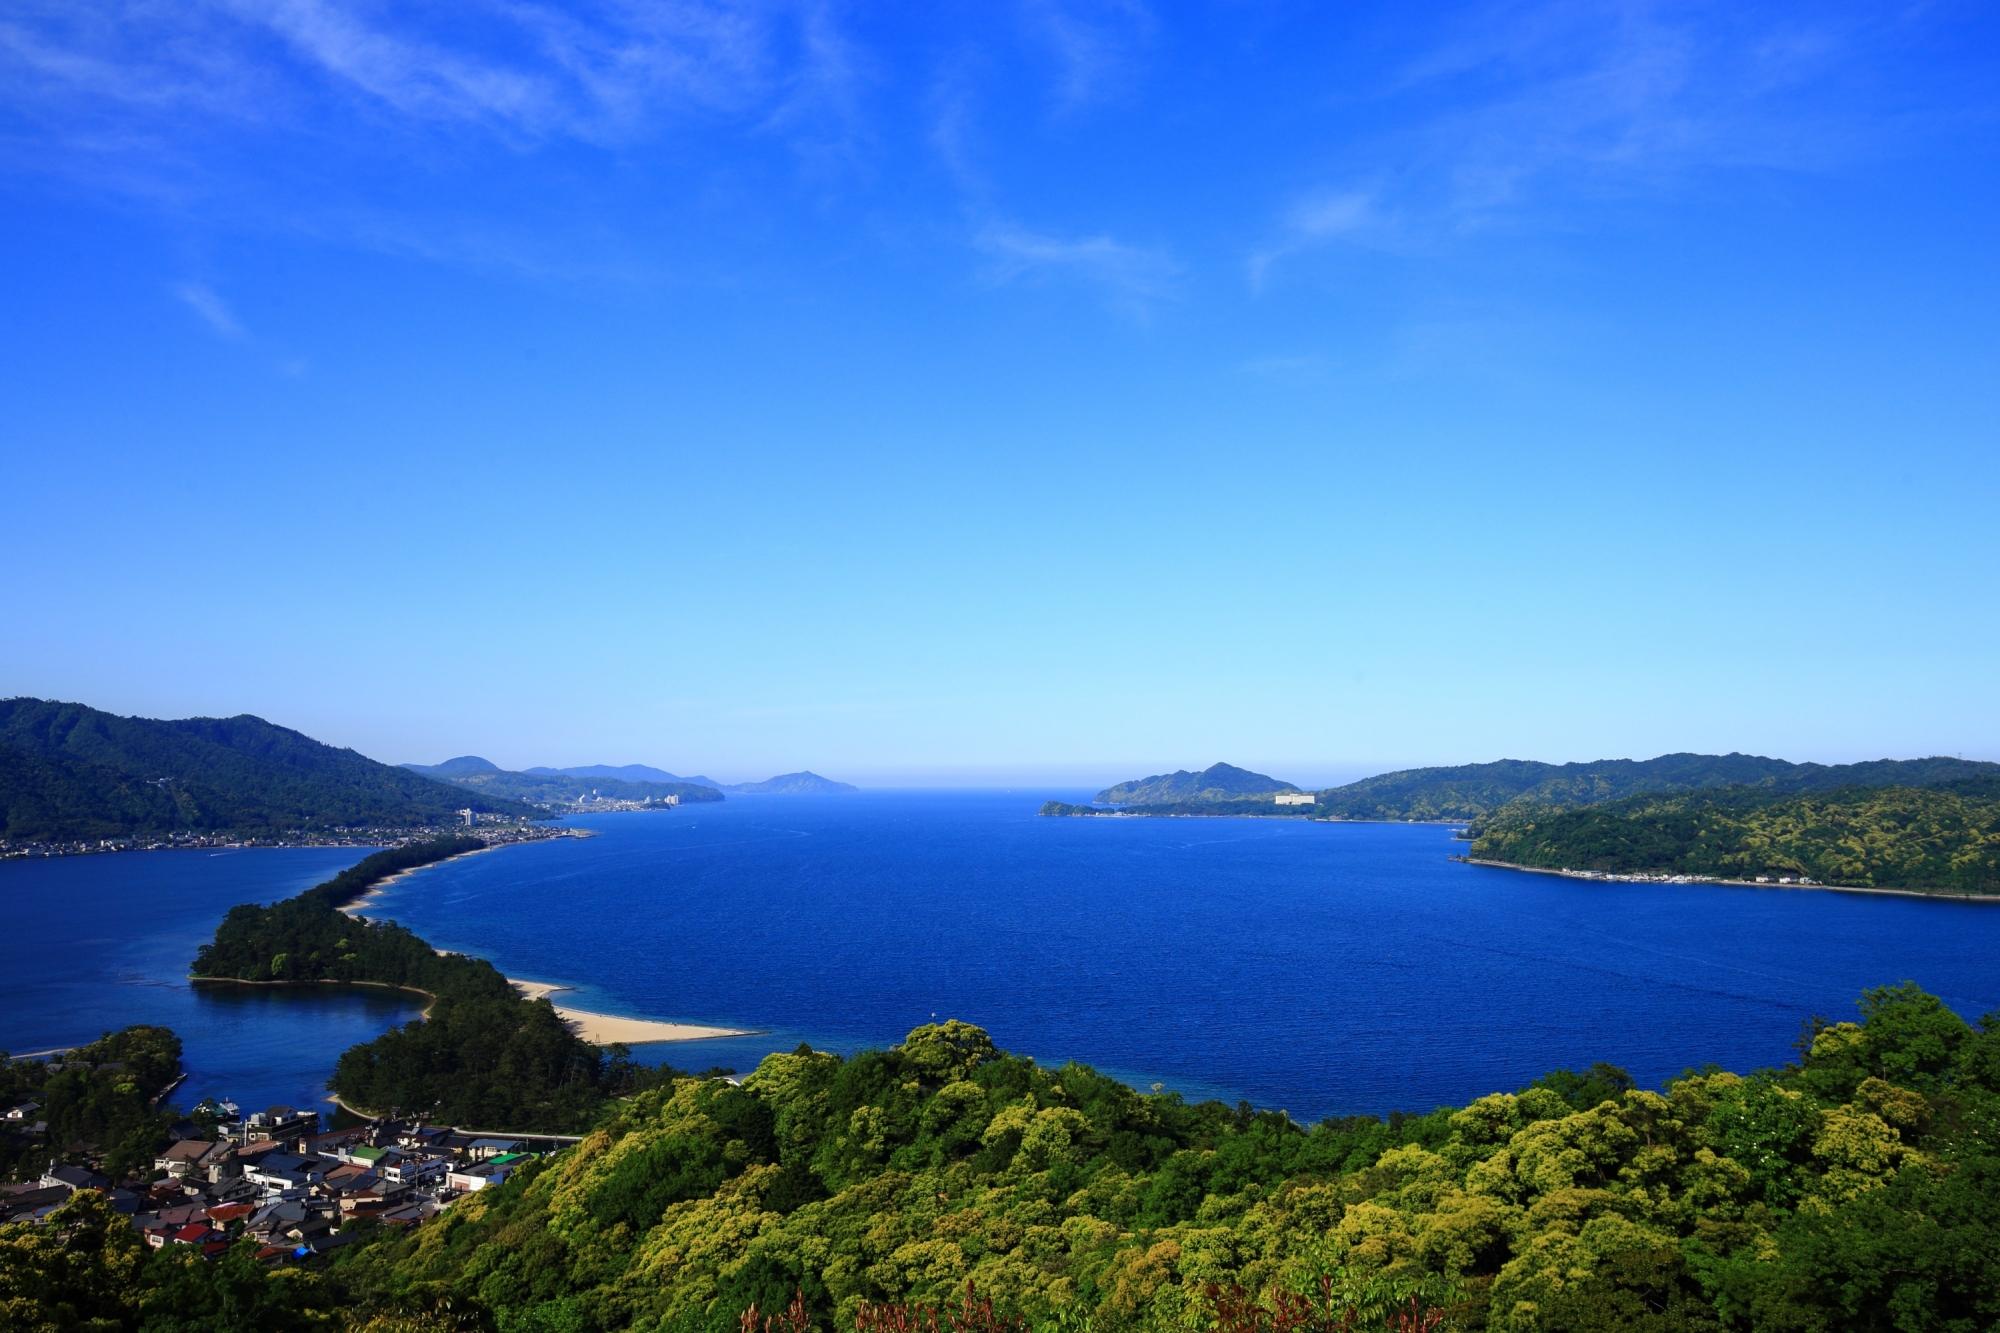 天橋立の素晴らしい飛龍観と海の情景